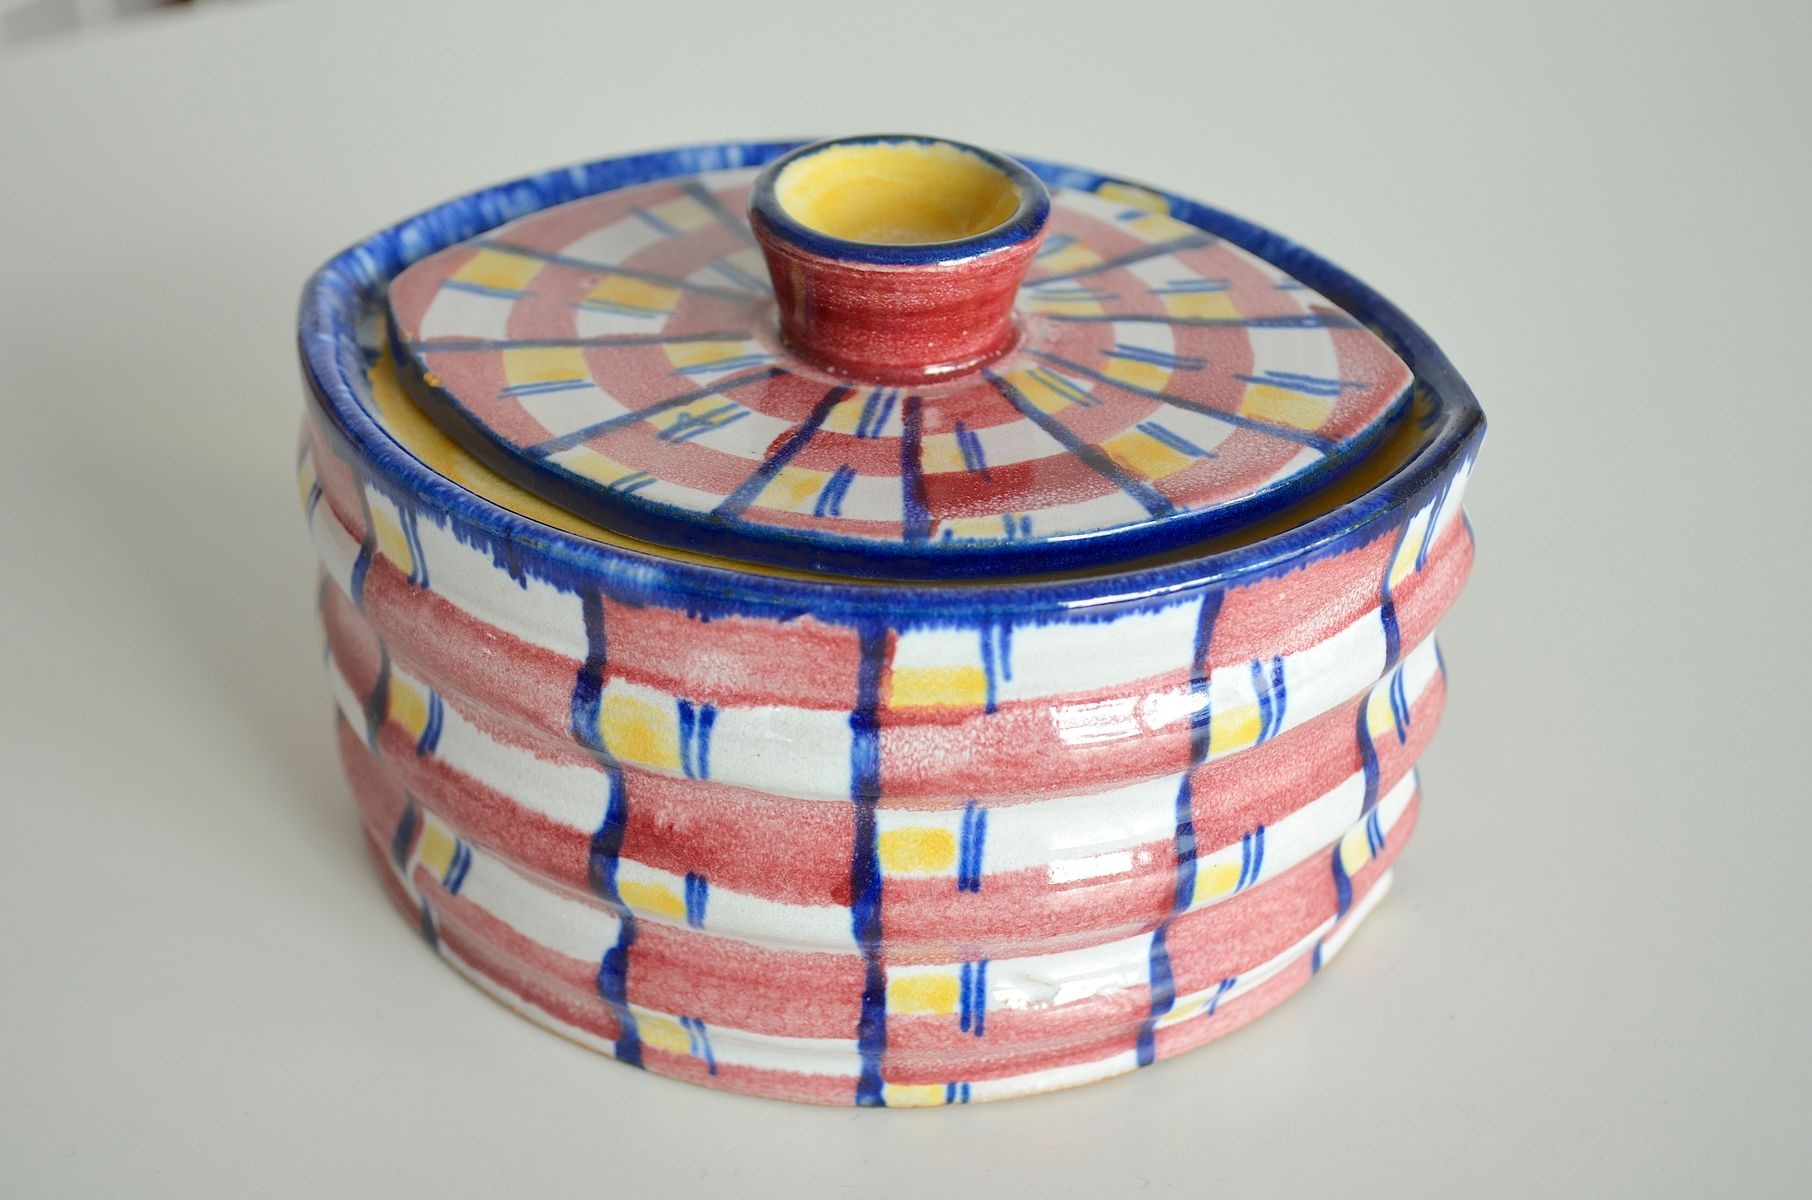 keramik gef von hedwig bollhagen f r manufaktur velten vordamm bei pamono kaufen. Black Bedroom Furniture Sets. Home Design Ideas